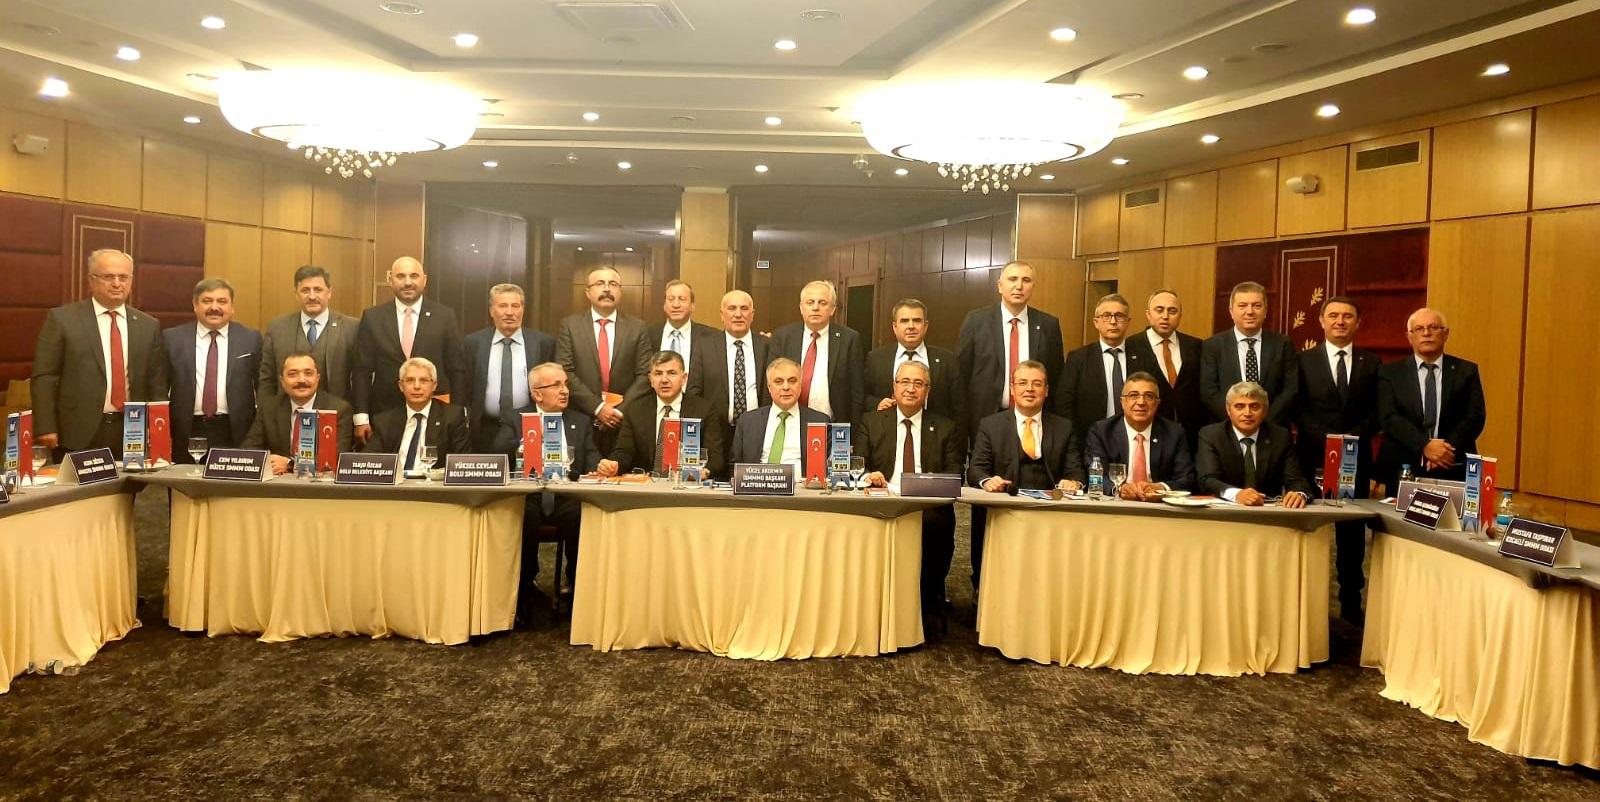 45'inci Karadeniz Oda Başkanları Toplantısı Gerçekleştirildi